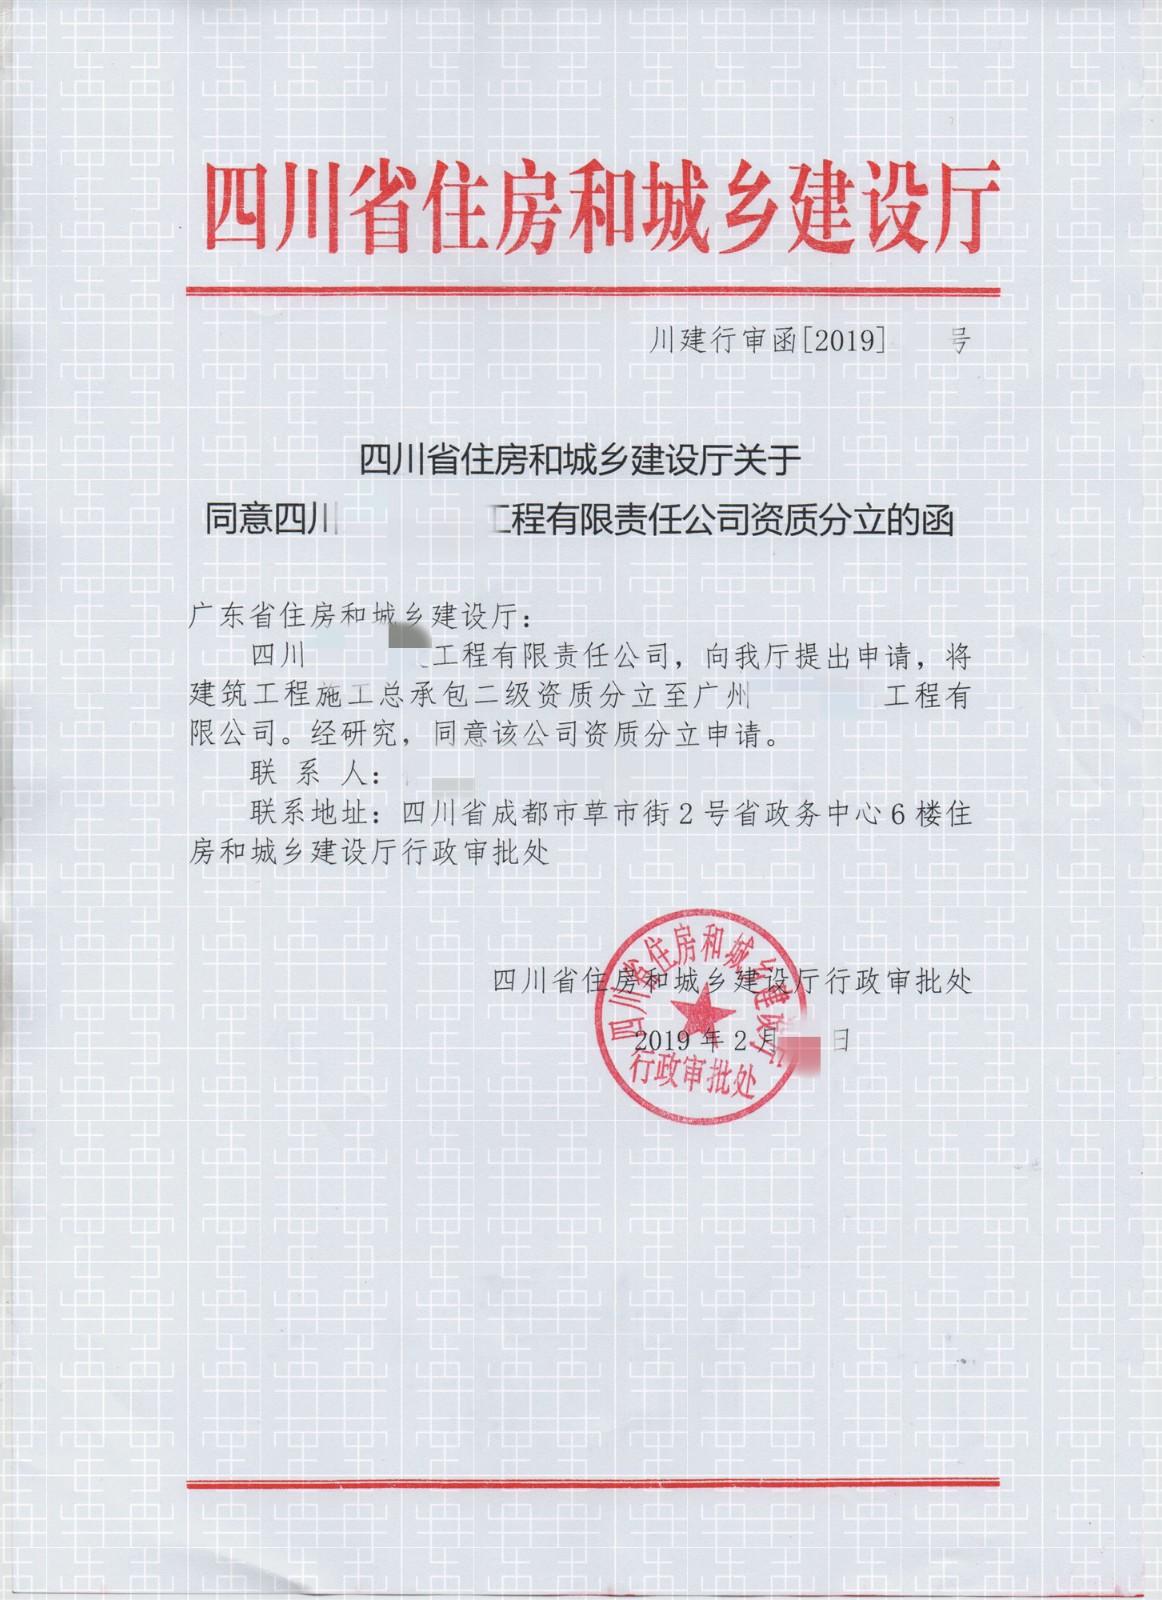 房建二级贝博贝博app下载广州